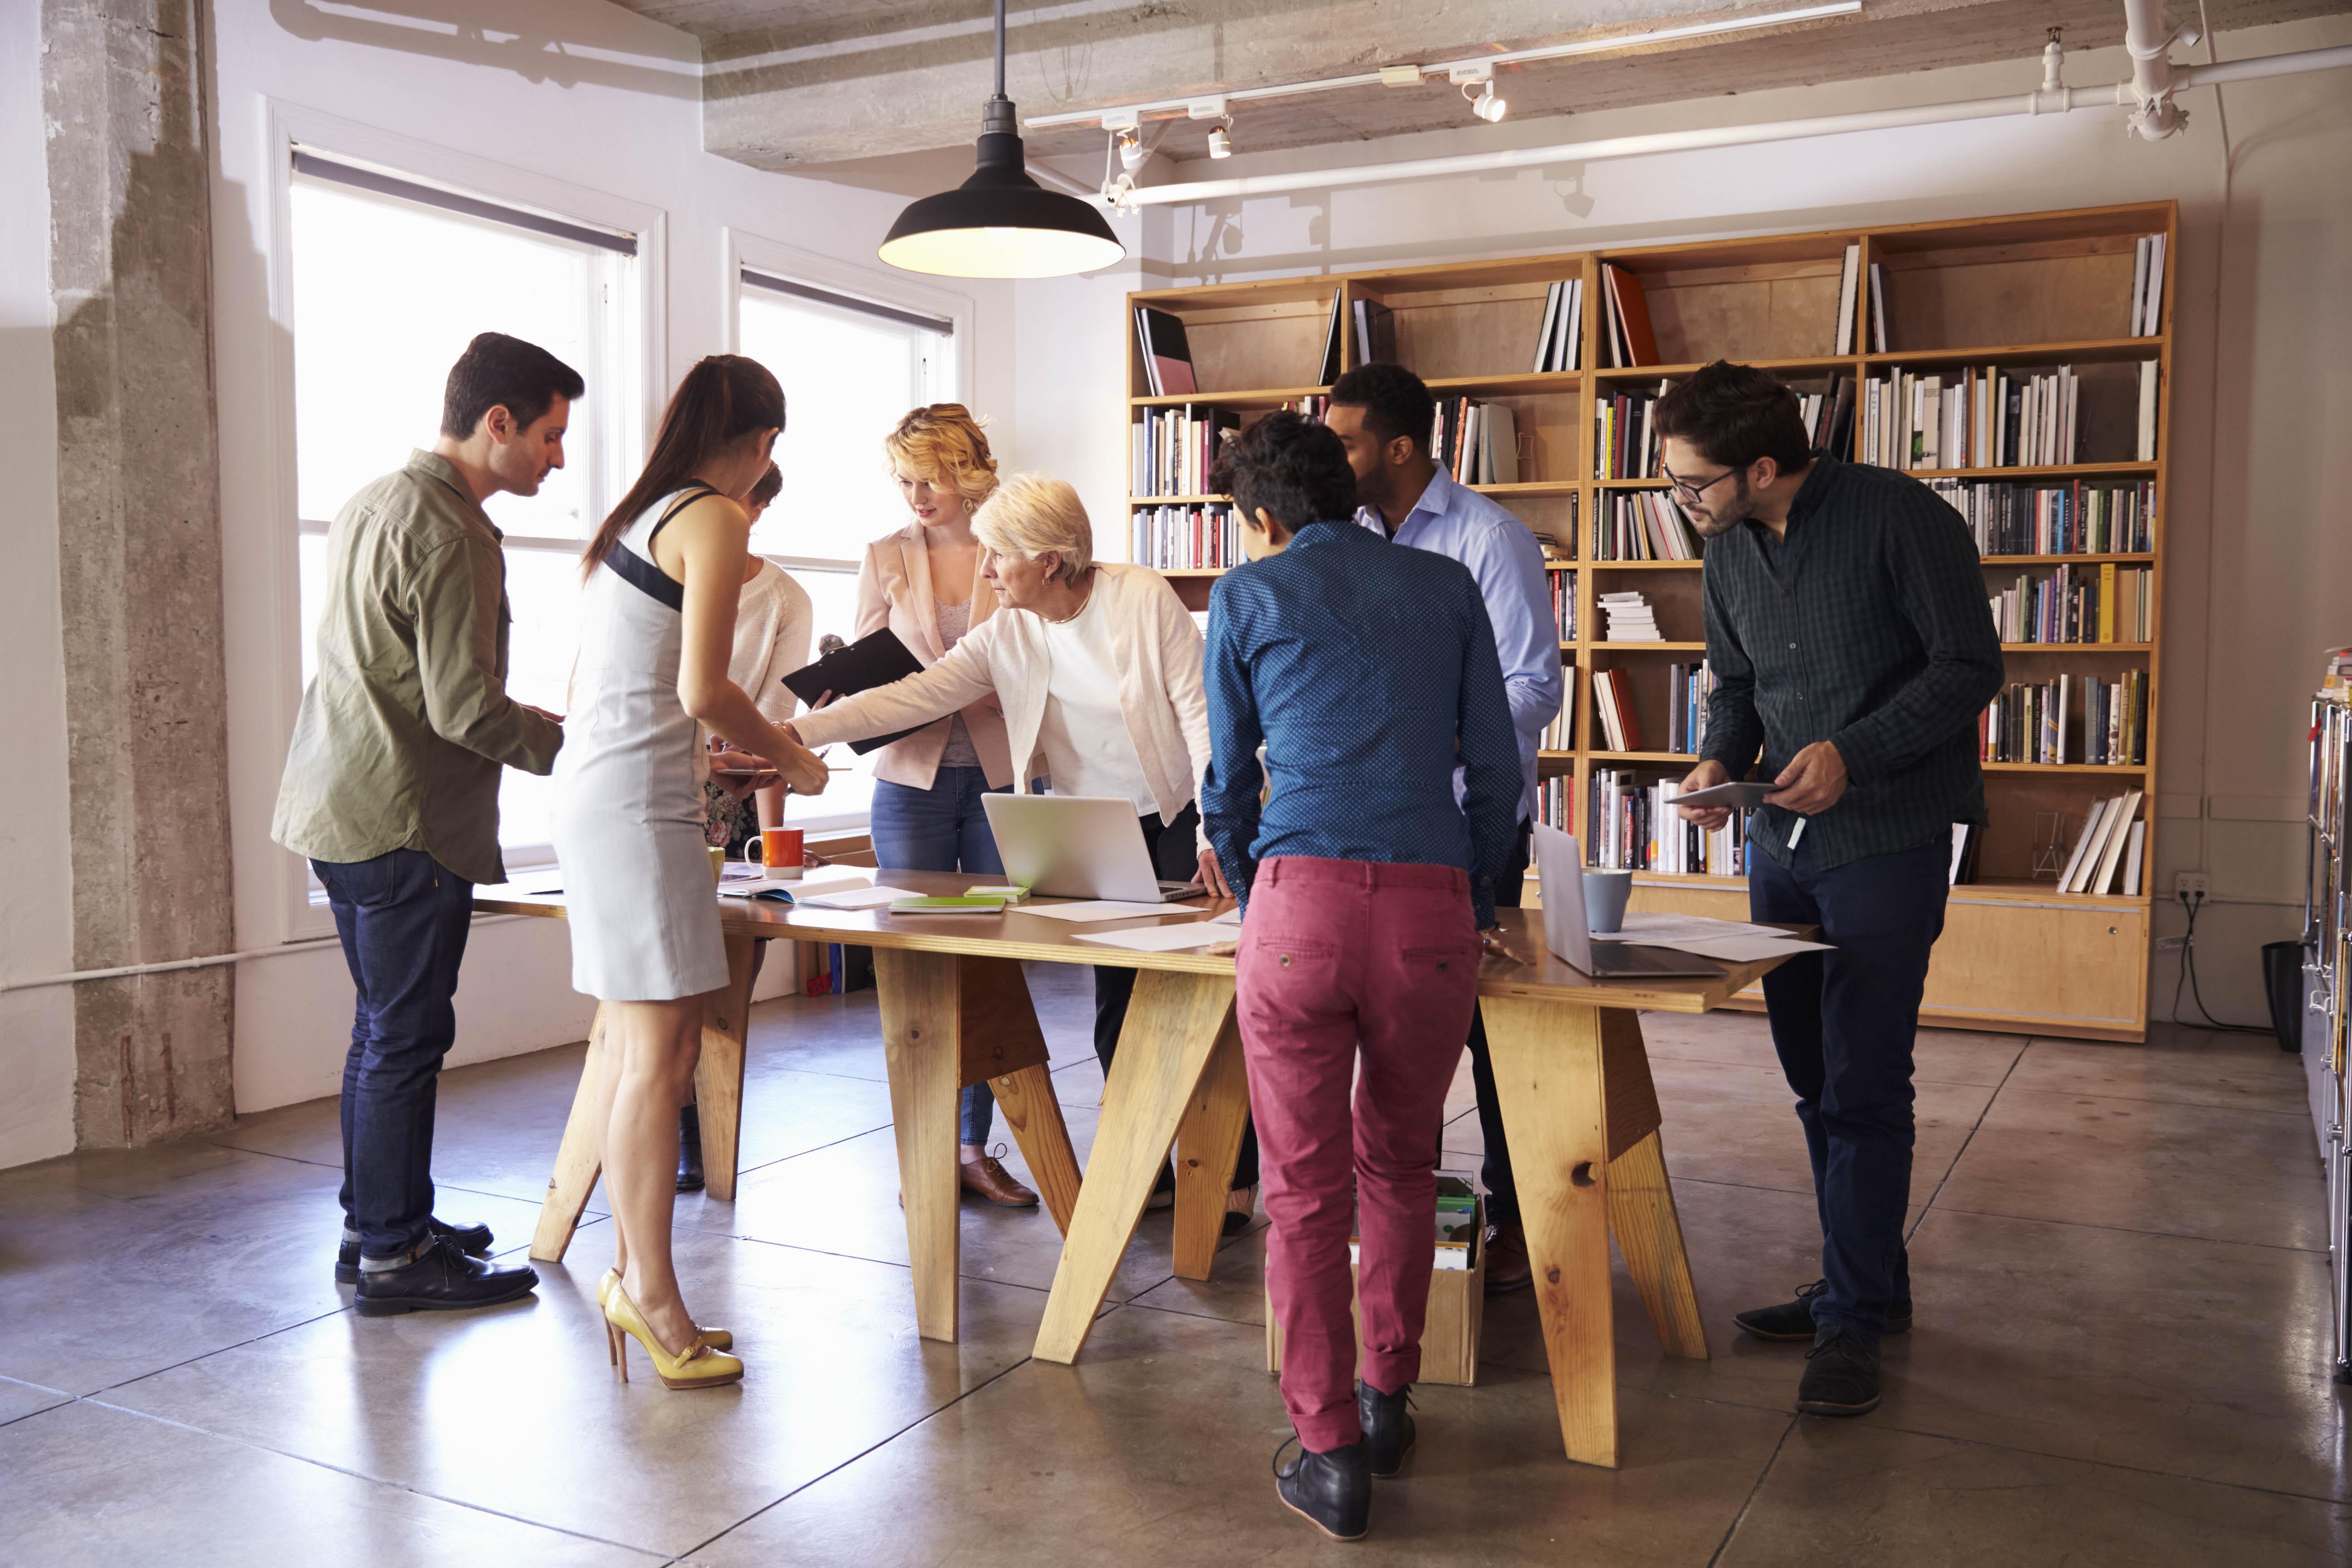 Effektive Kommunikation in der Führung braucht Storytelling, gute Führung